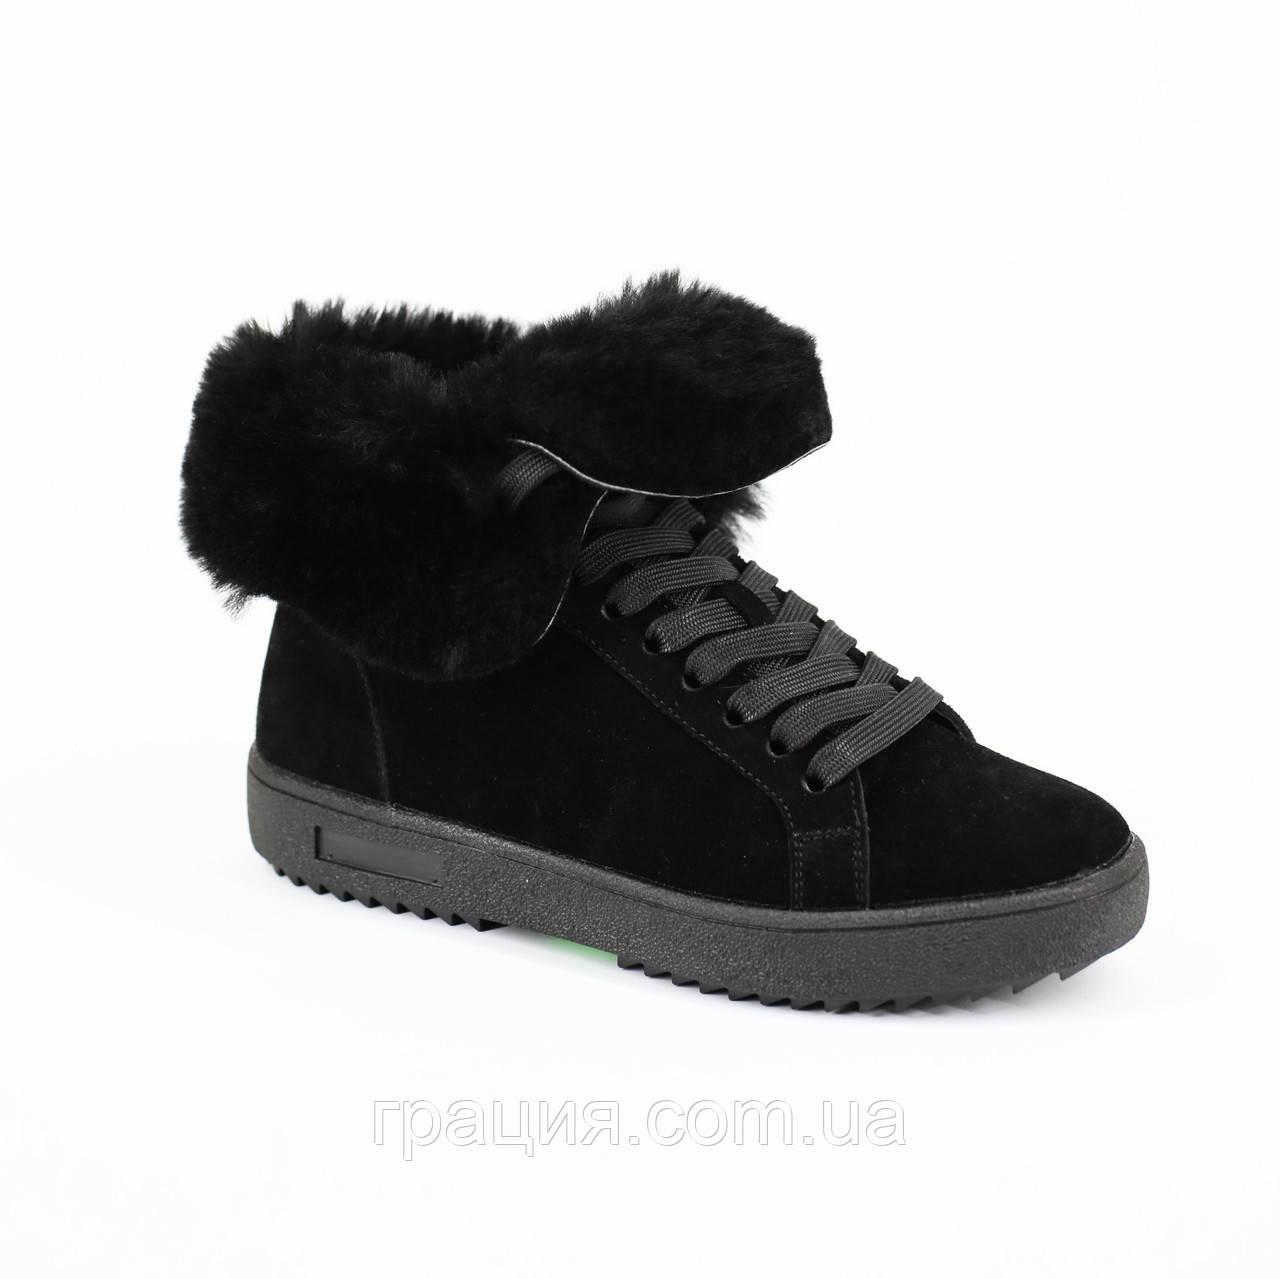 Модные женские замшевые зимние  ботинки c отворотом